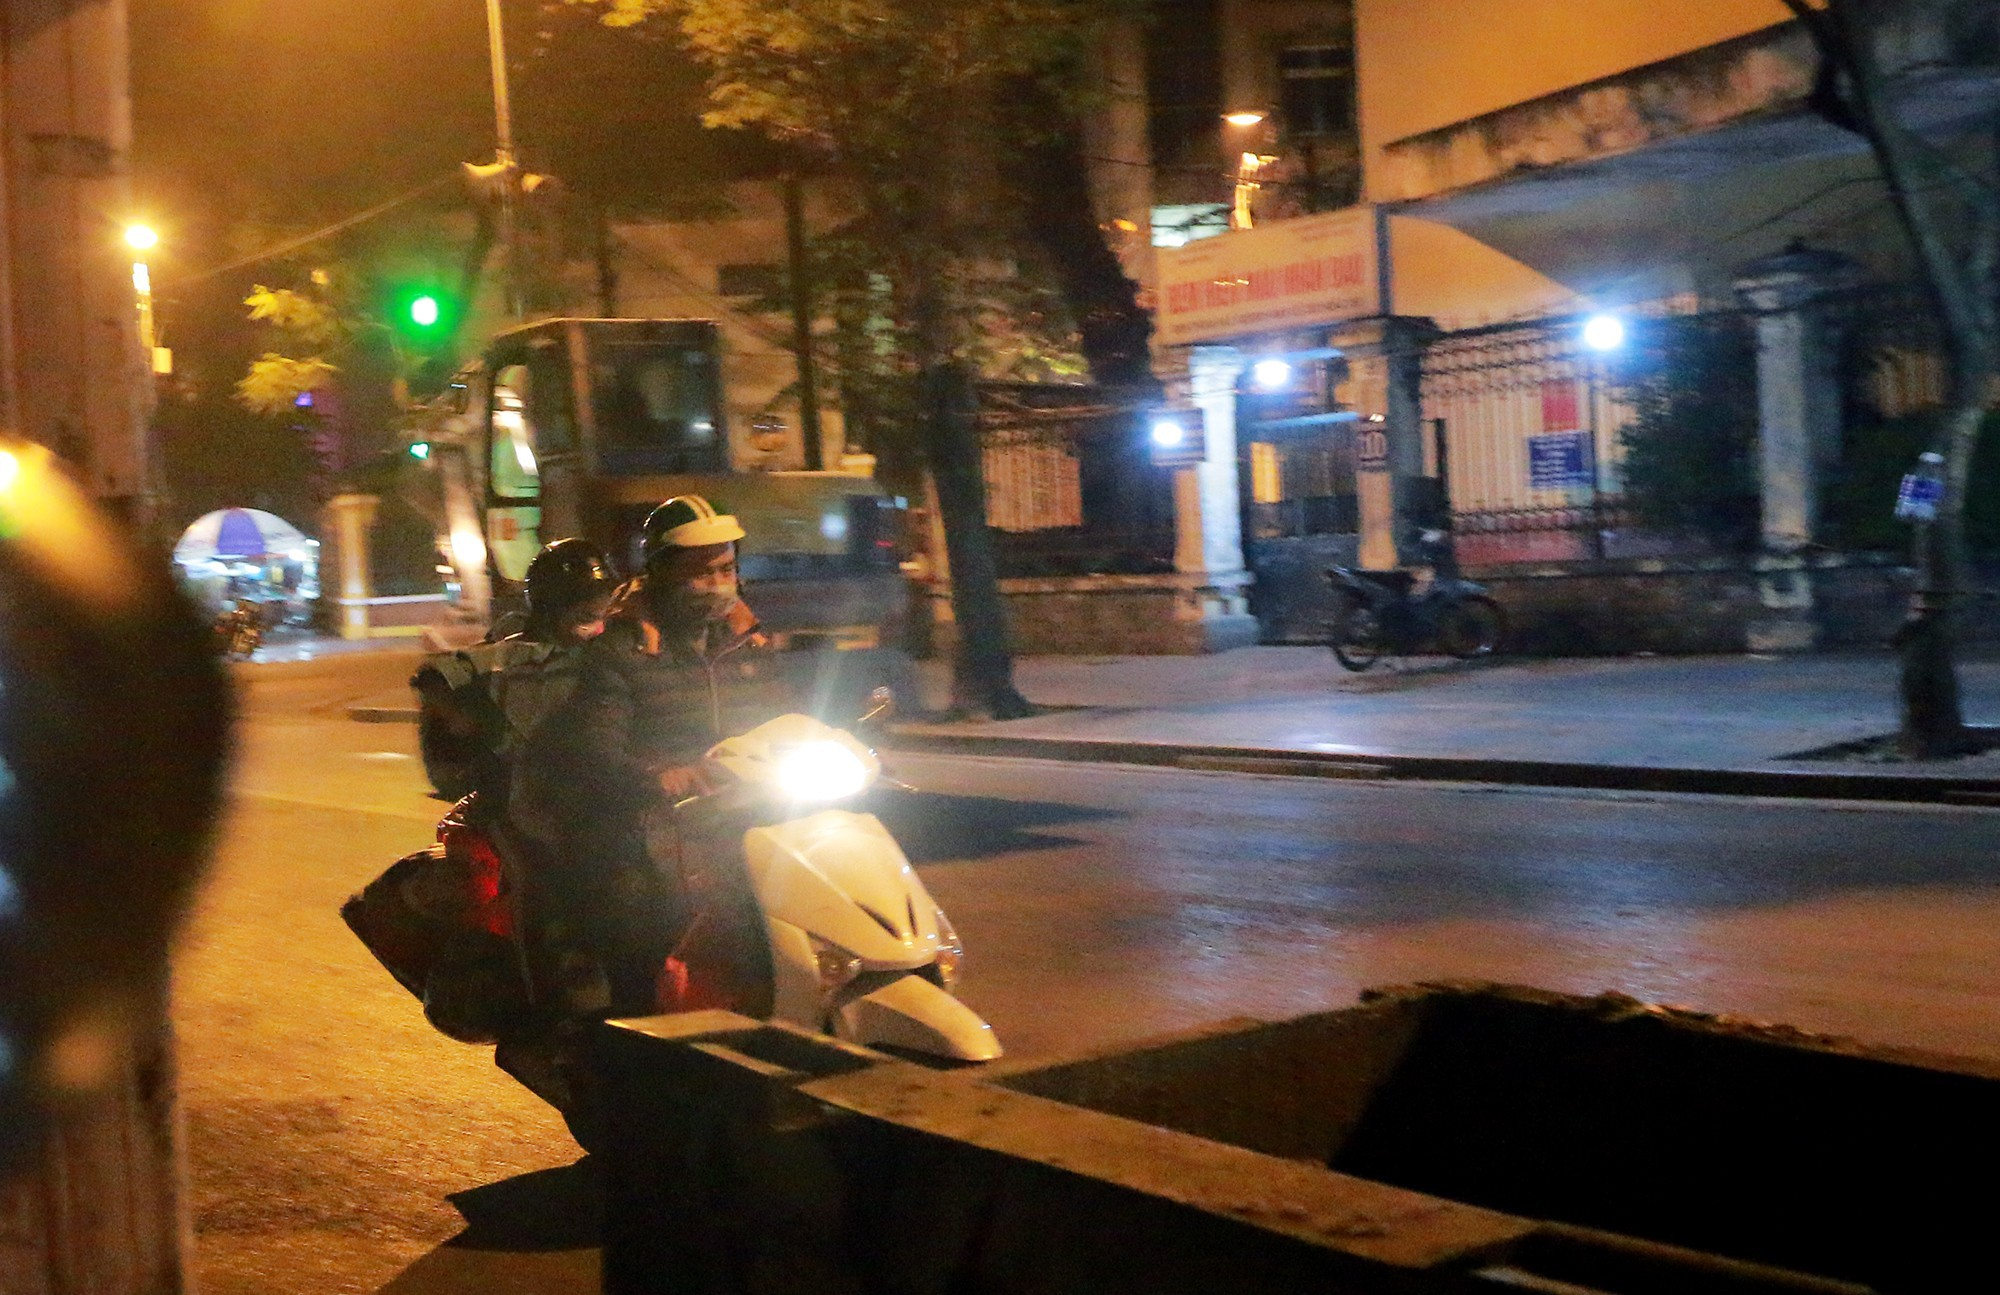 Chuyện lạ lùng người vô gia cư đi xe máy, ô tô, ở nhà tầng-4